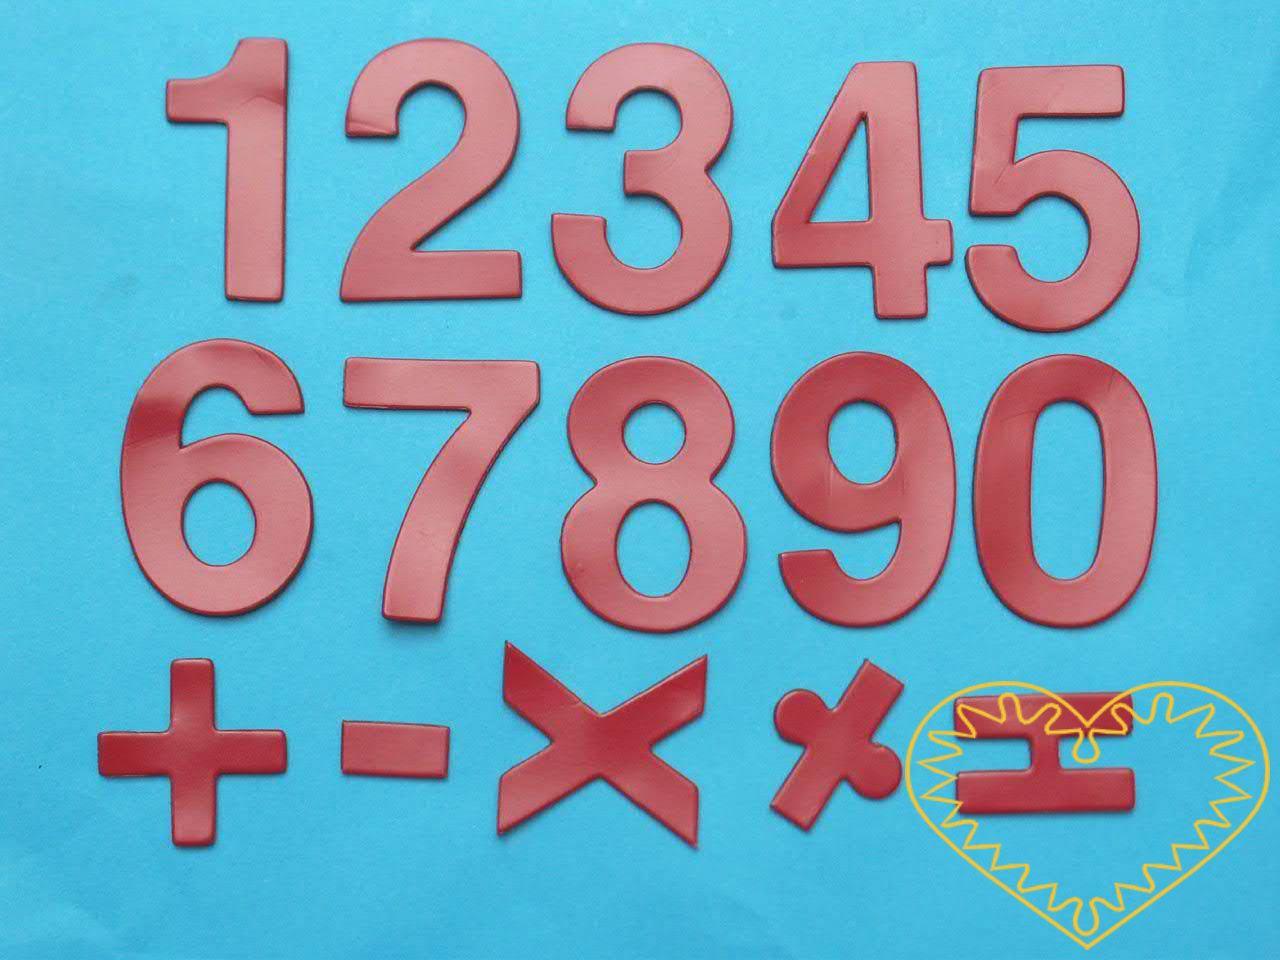 Červená magnetická čísla vyrobená z magnetické fólie. Jedná se o sadu číslic a znamének (+, =, -, /, x), výška číslic je 4cm. Dají se snadno uchytit na tabuli, ledničku či jiný kovový podklad. Číslice se dají dále dotvářet - domalovávat (např. lihový